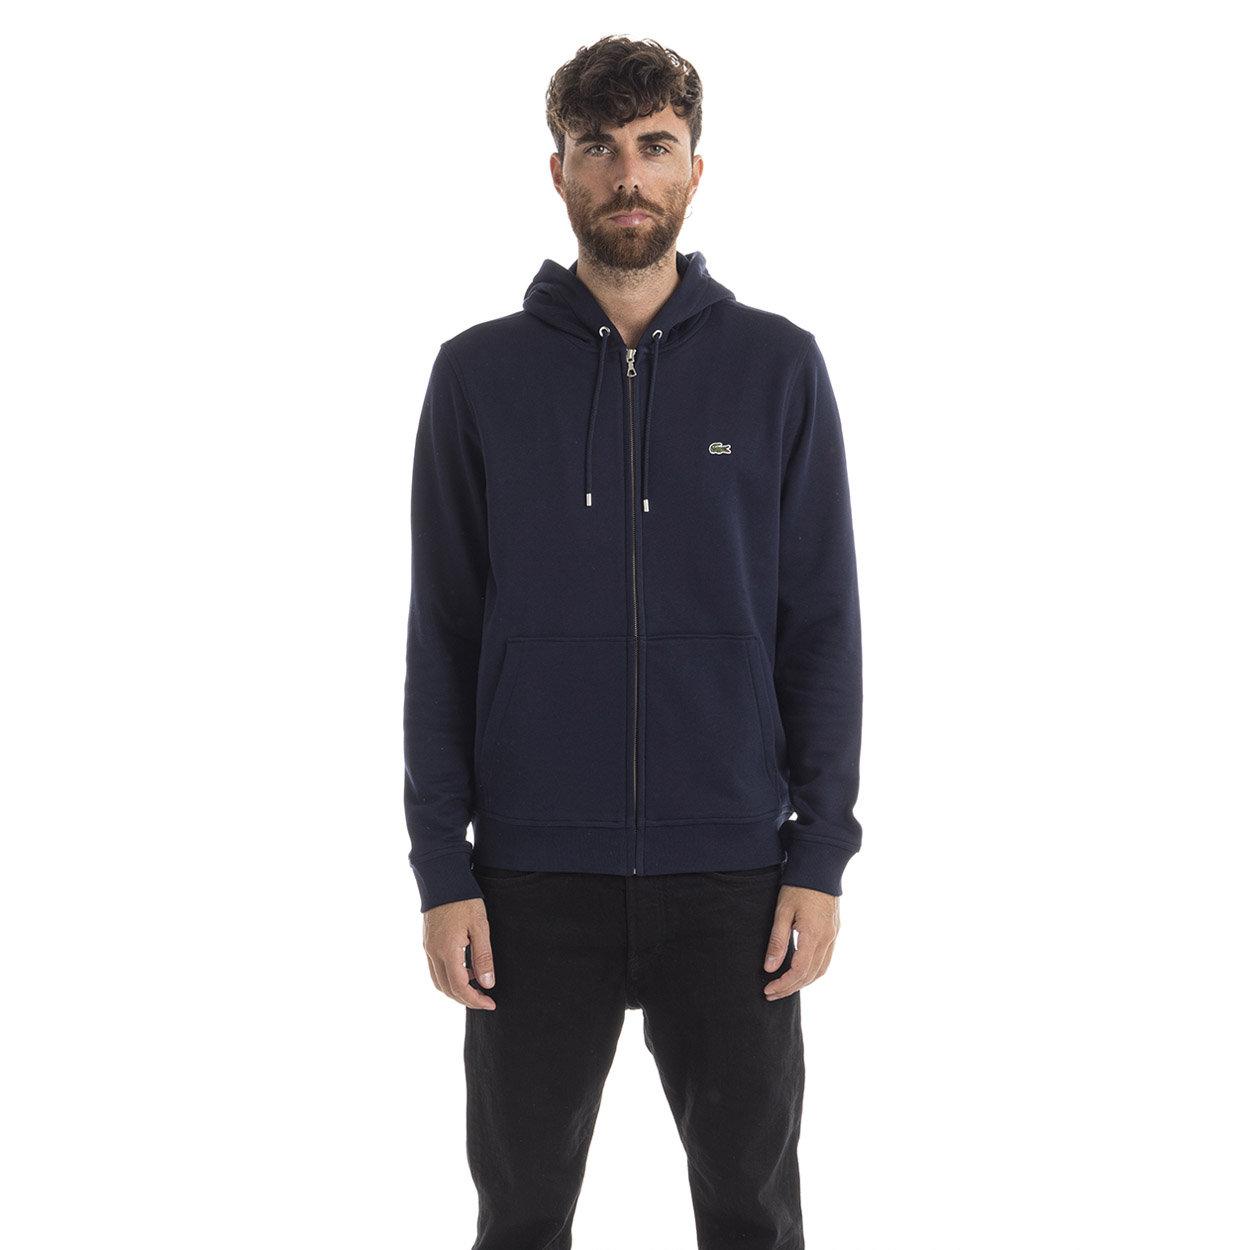 Image of Felpa con zip e cappuccio blu